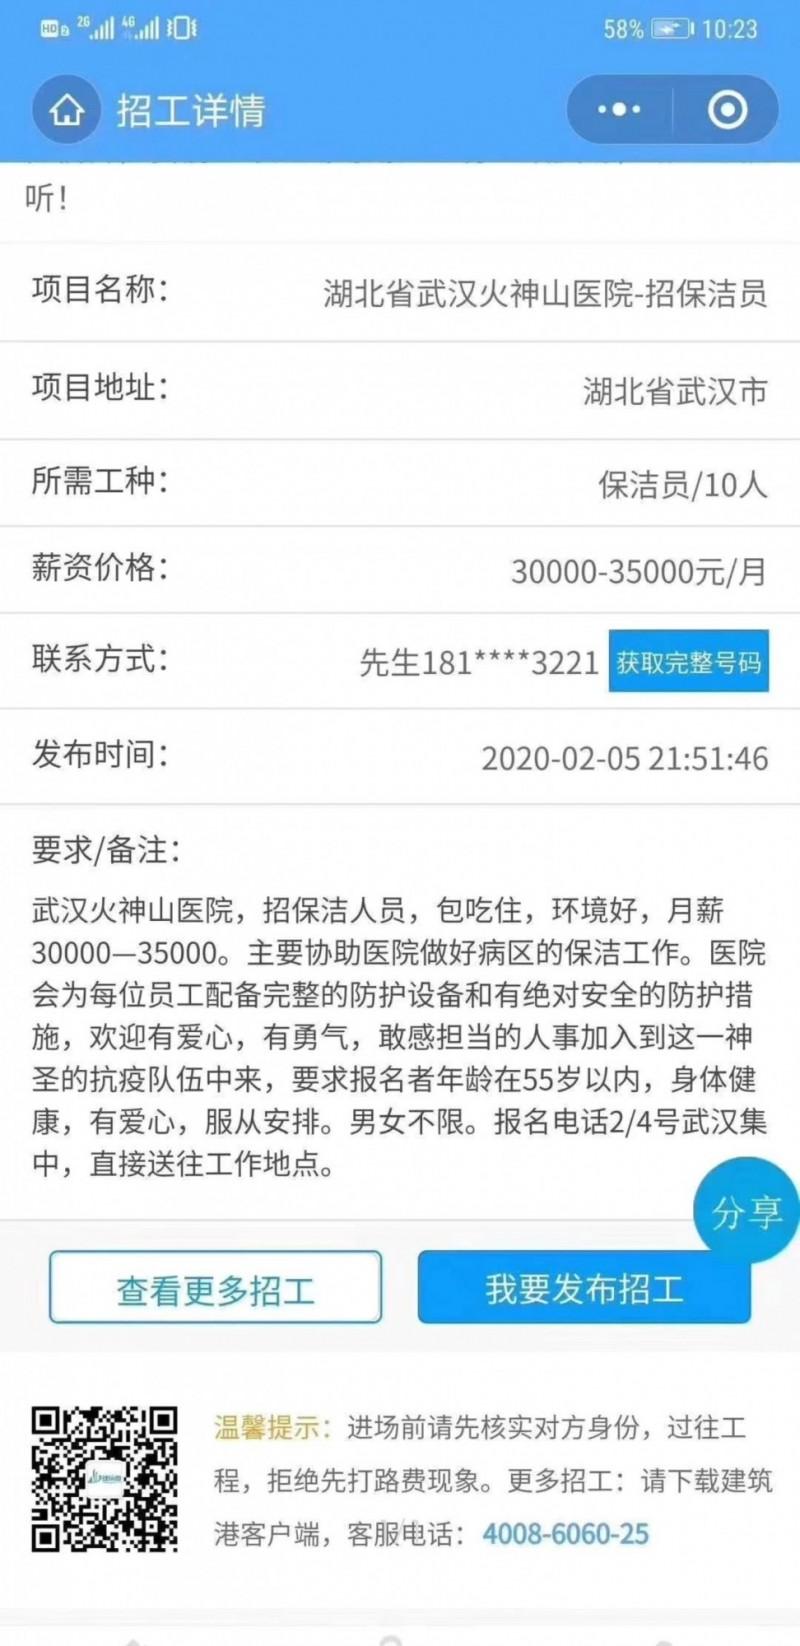 網路上傳出武漢火神山醫院現在正在召募清潔工。(圖擷自批踢踢)